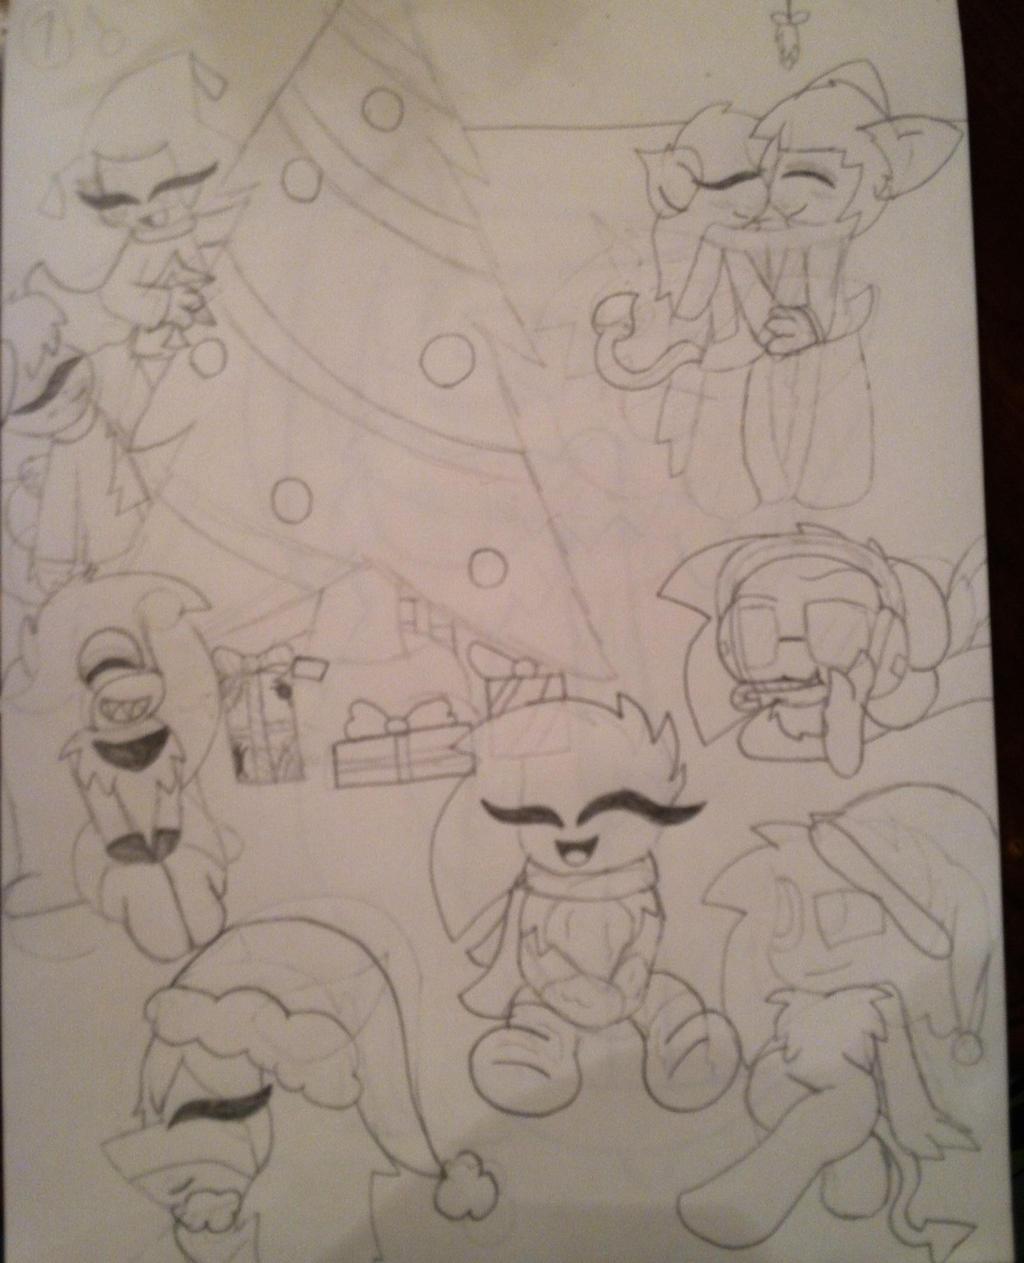 Christmas Celebration Sketch By Shinysmeargle On Deviantart